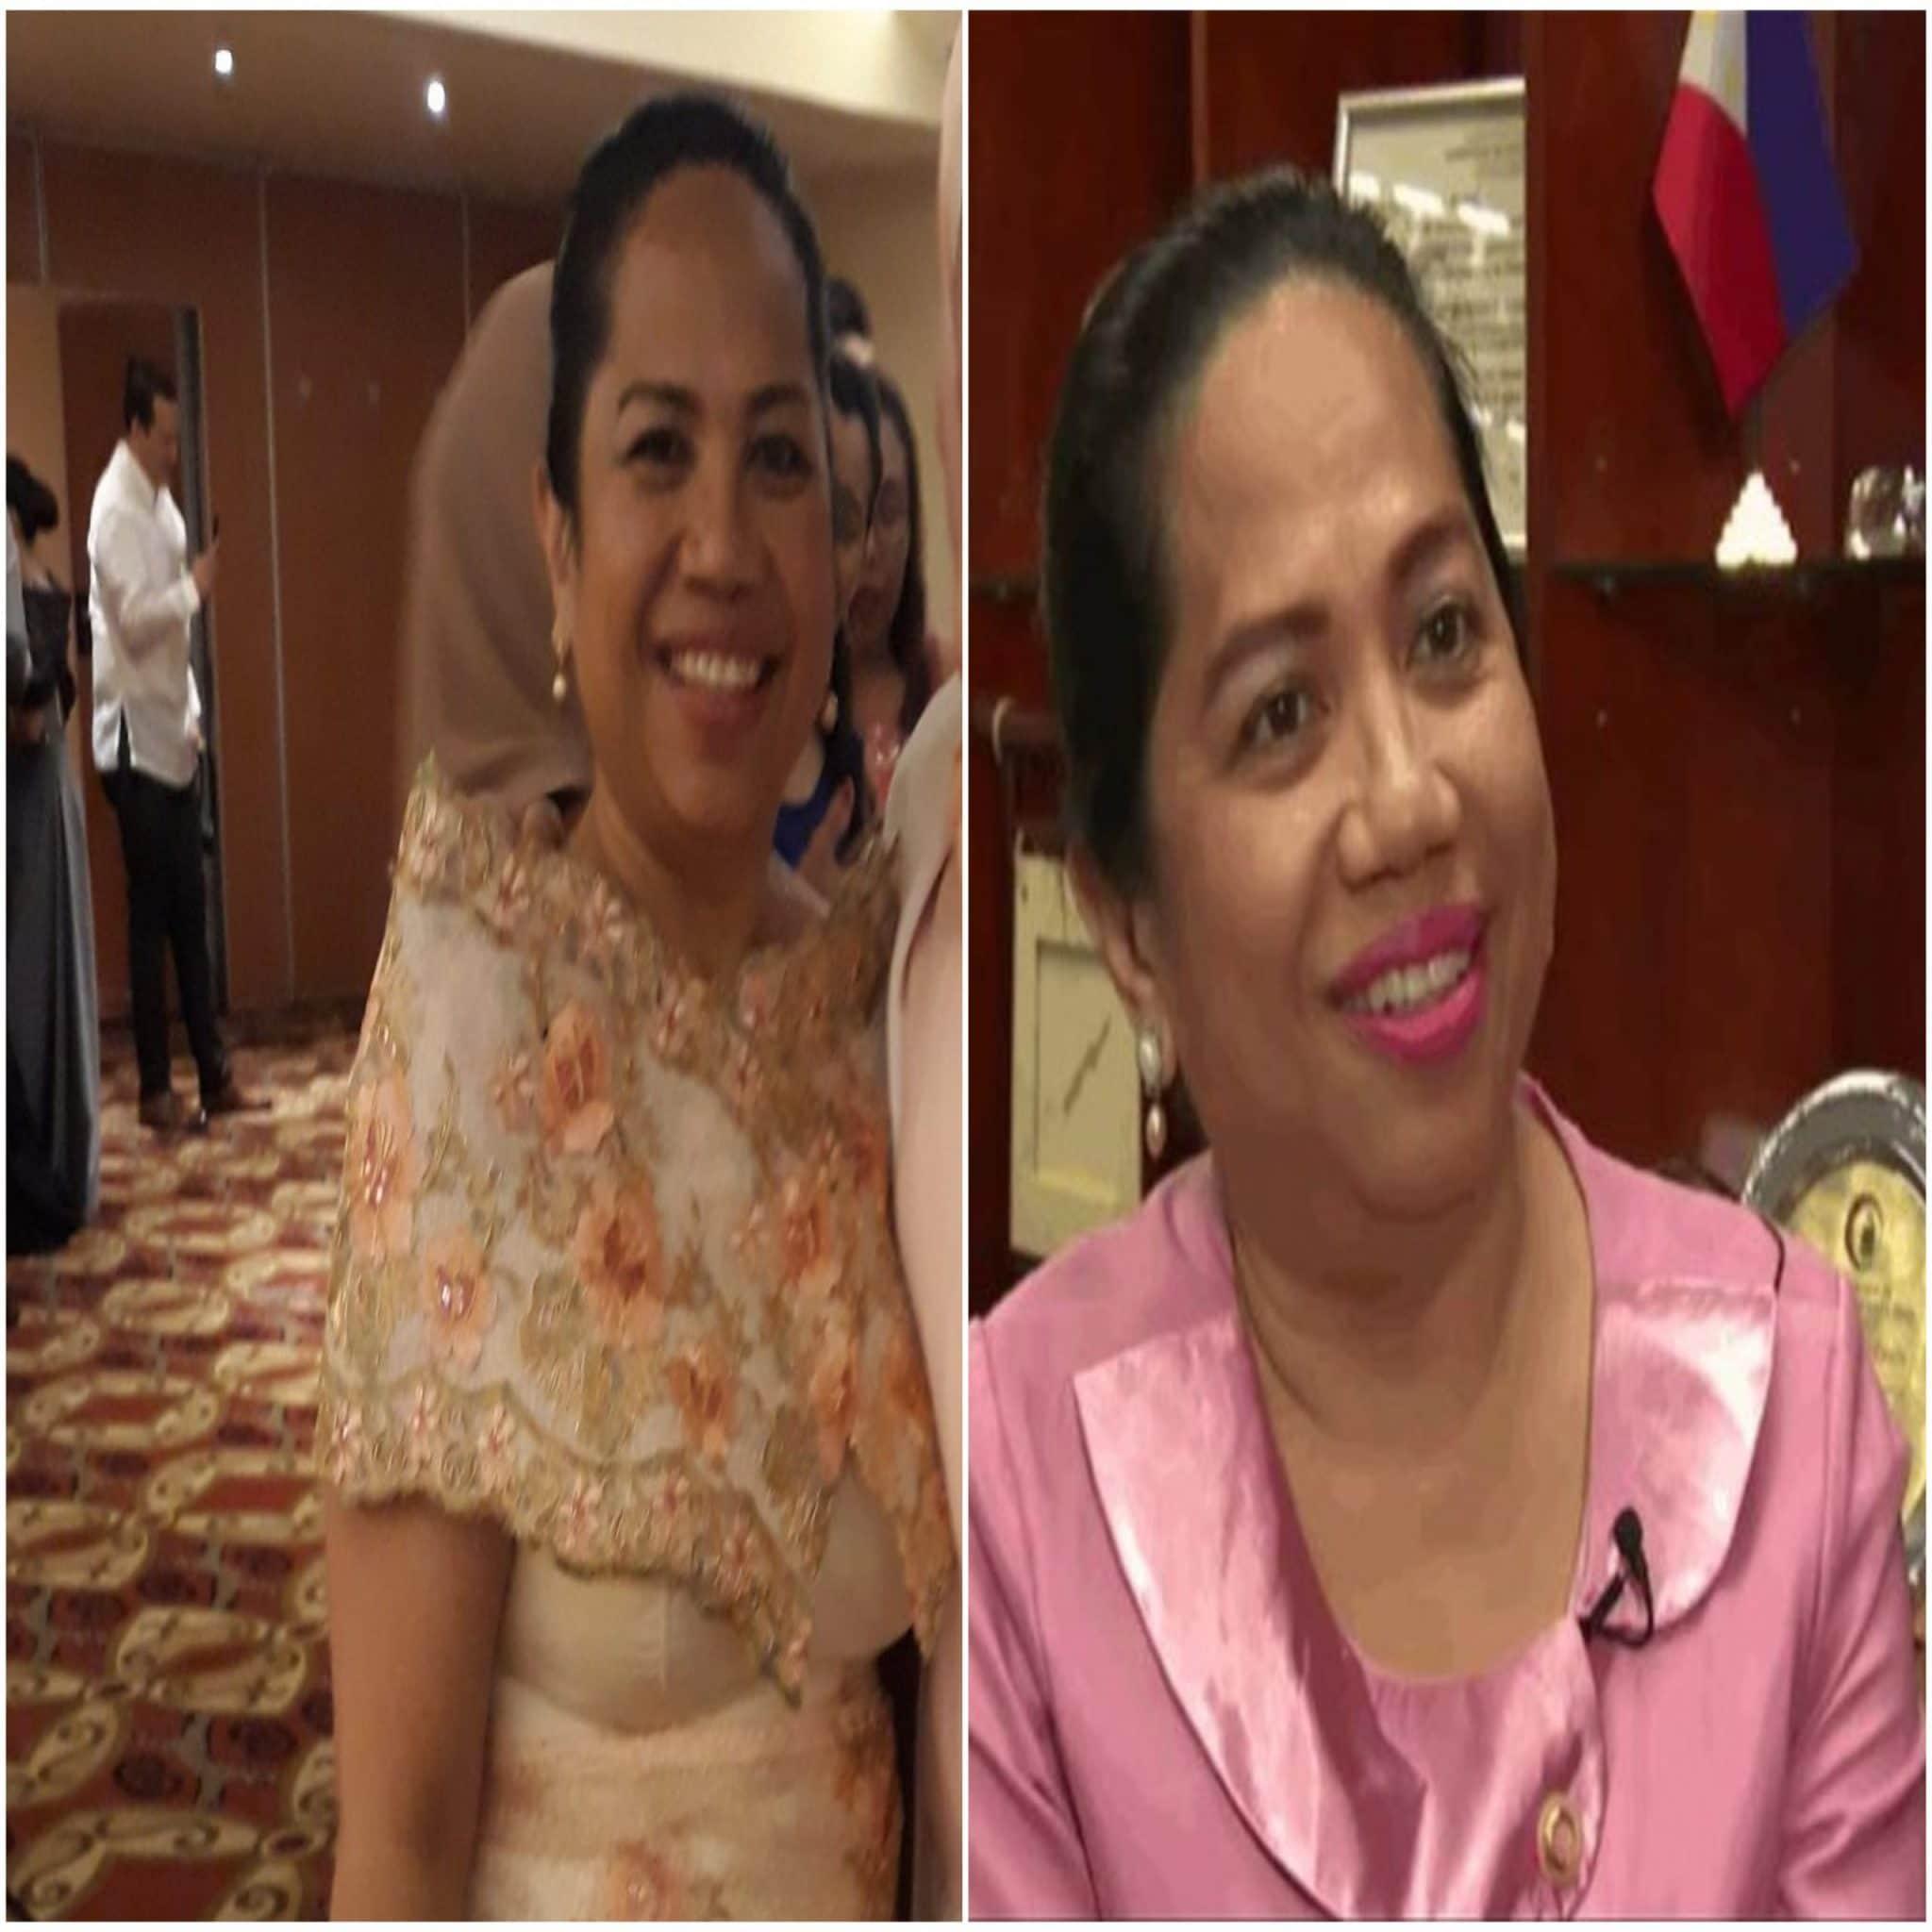 الكورونا تطيح بحياة سفيرة الفلبين بلبنان